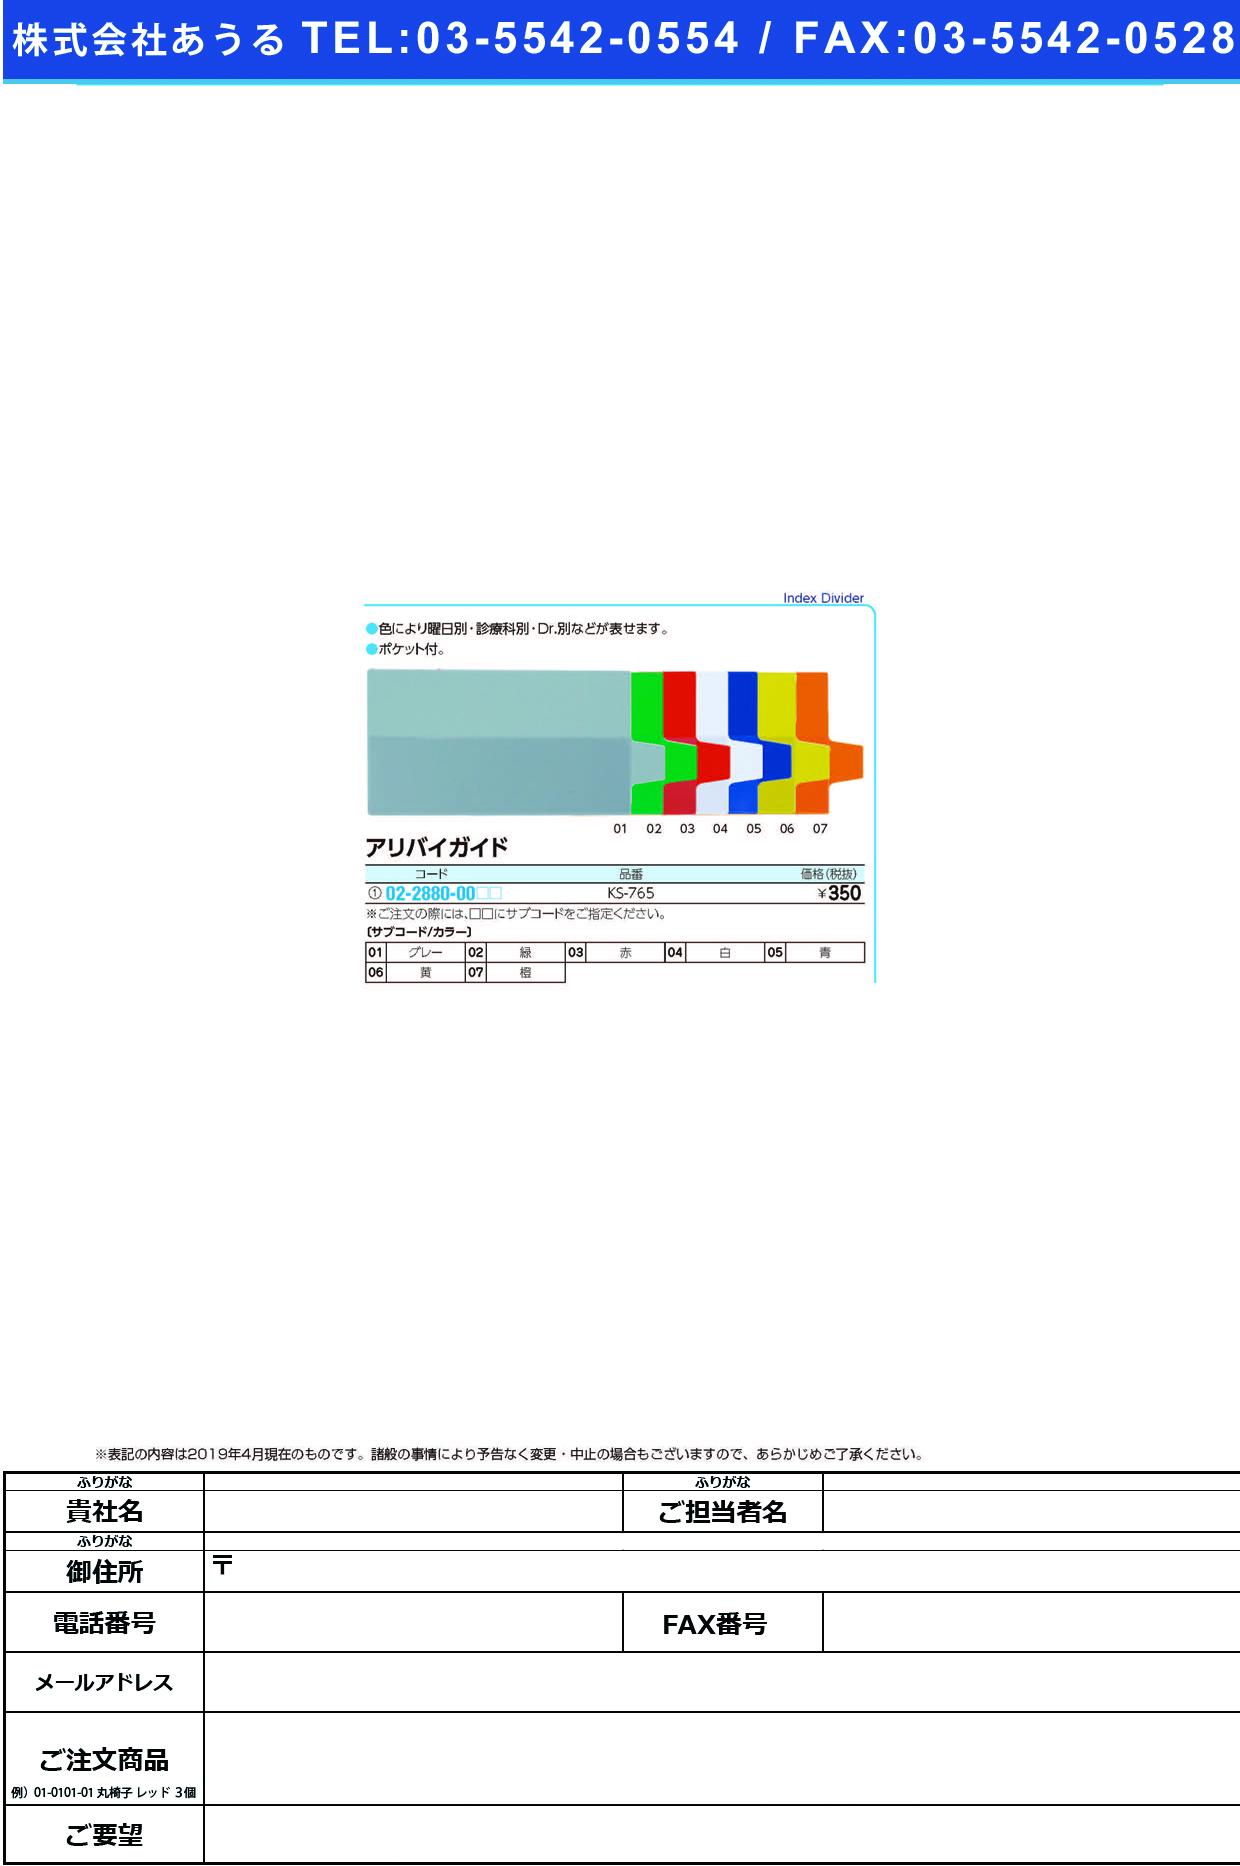 (02-2880-00)アリバイガイド KS-765 アリバイガイド グレー(ケルン)【1枚単位】【2019年カタログ商品】